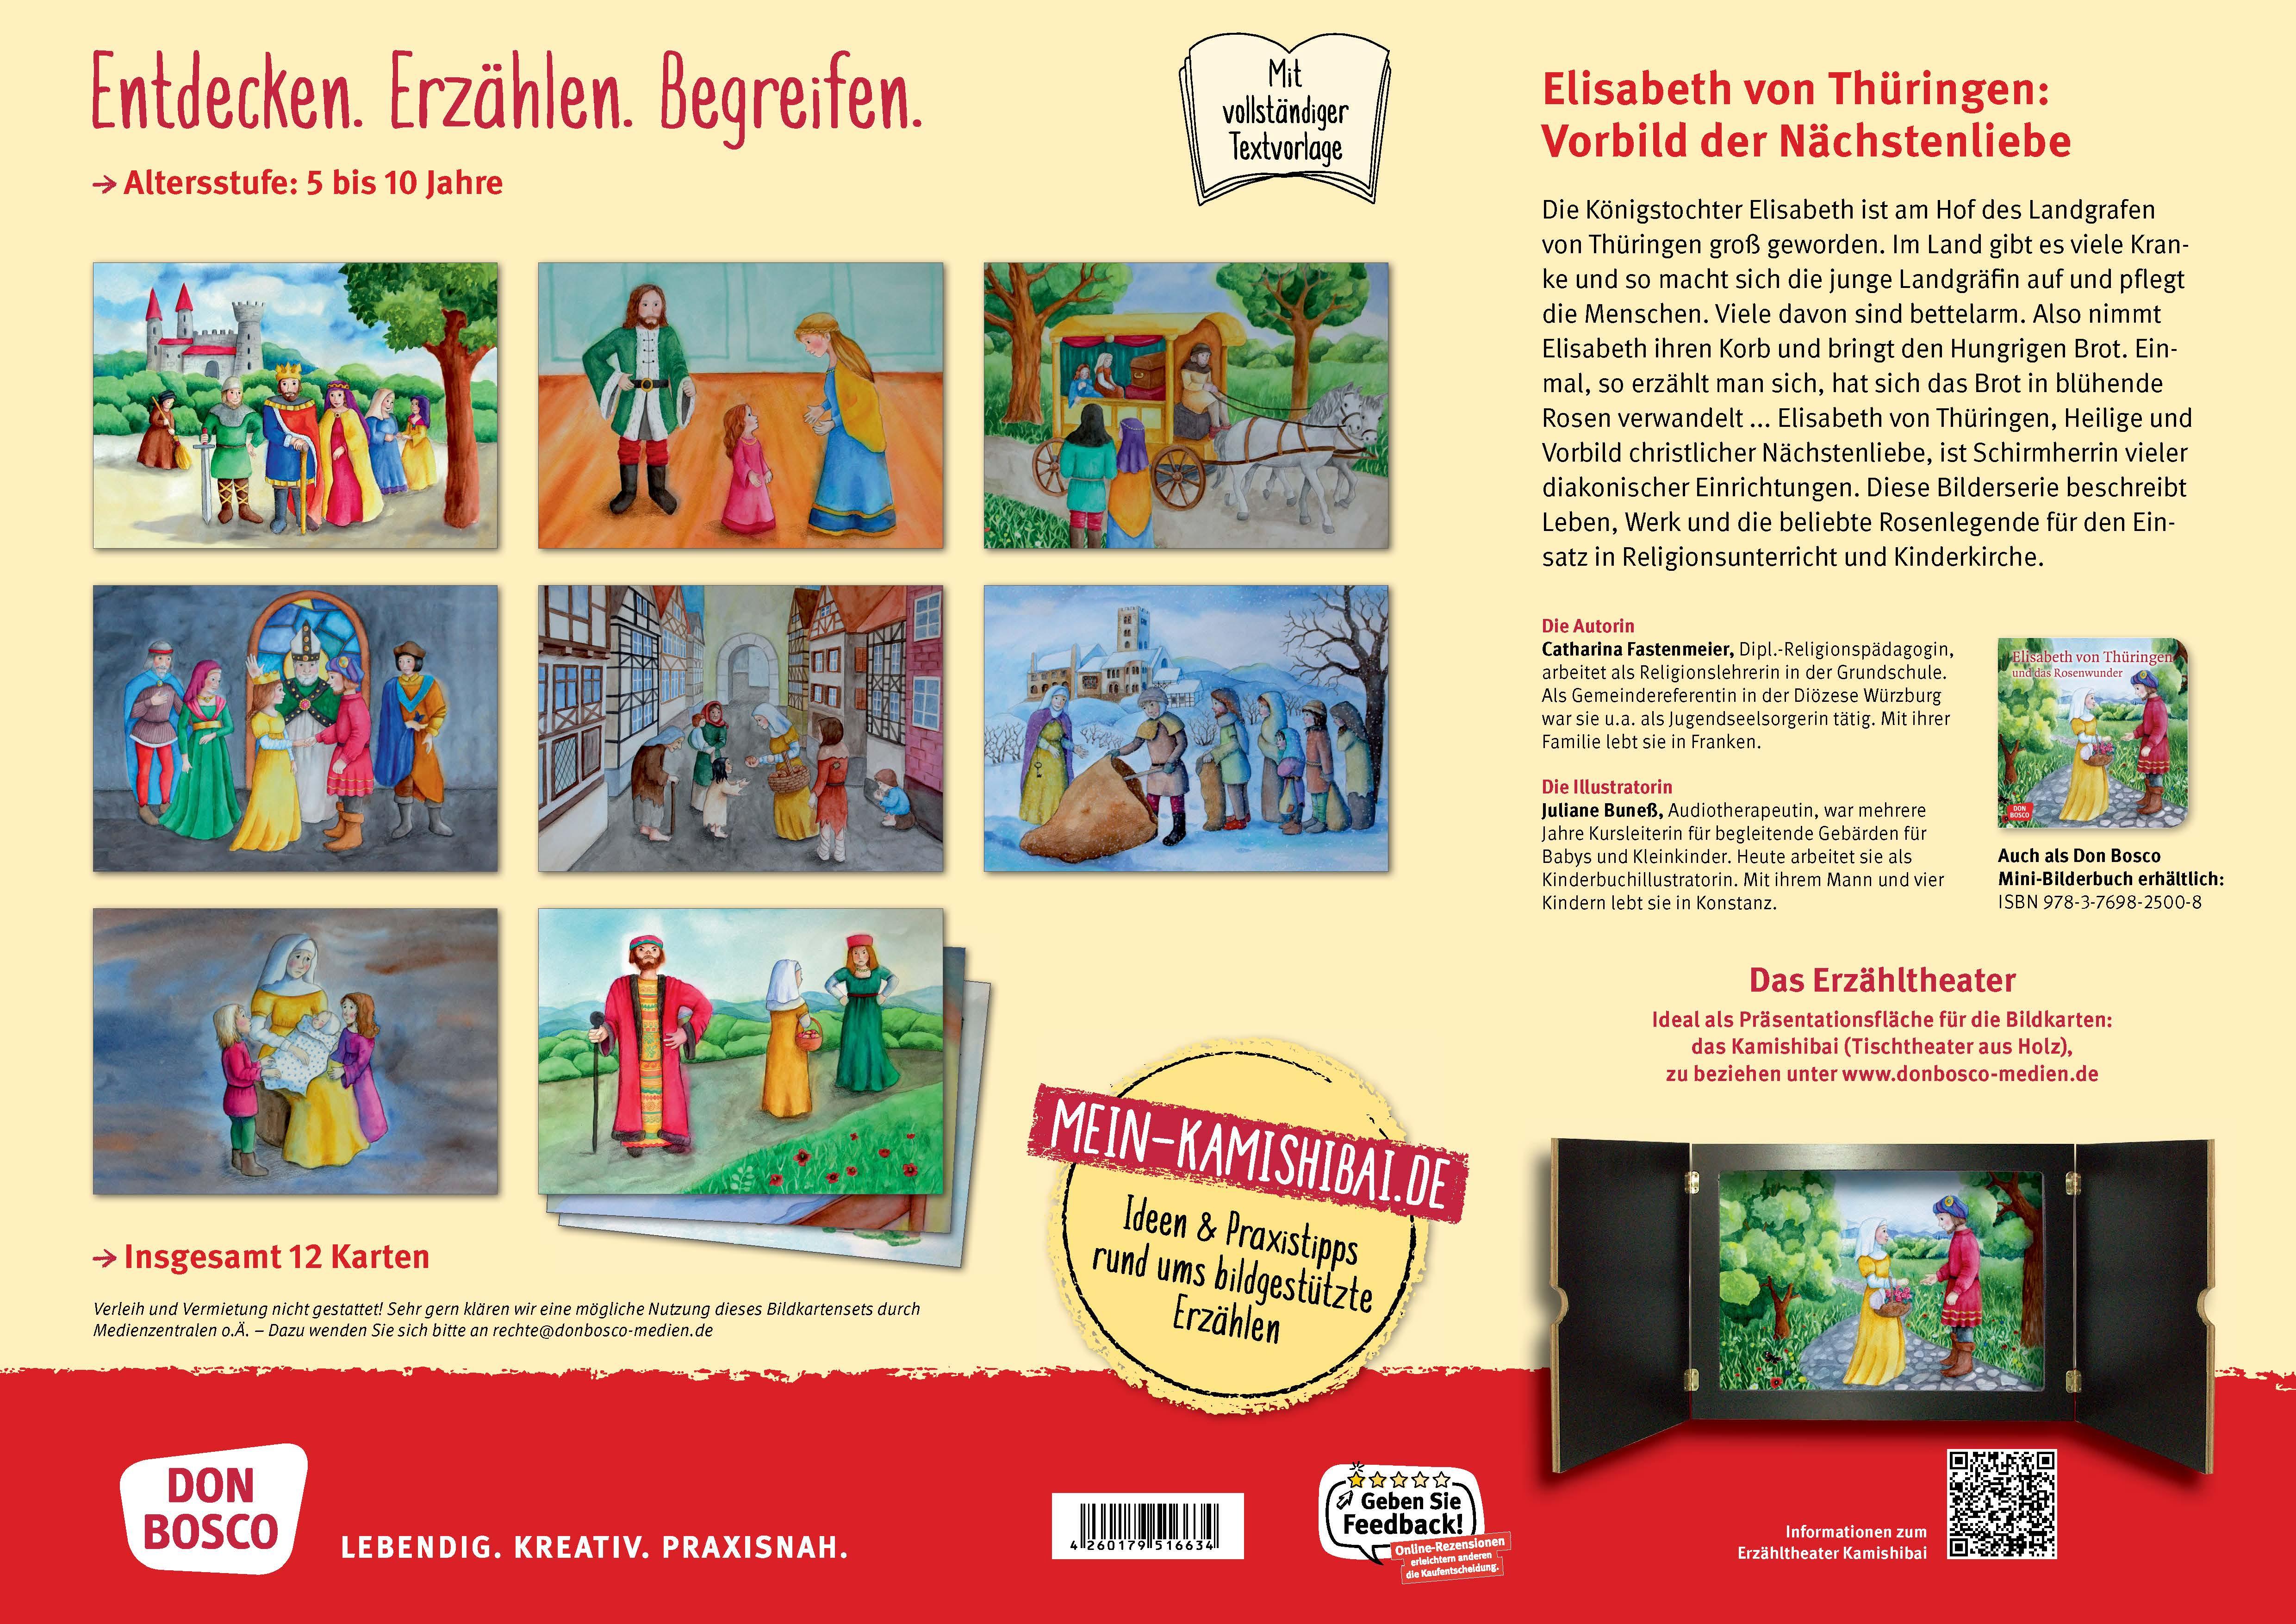 Innenansicht zu Elisabeth von Thüringen und das Rosenwunder. eKami.